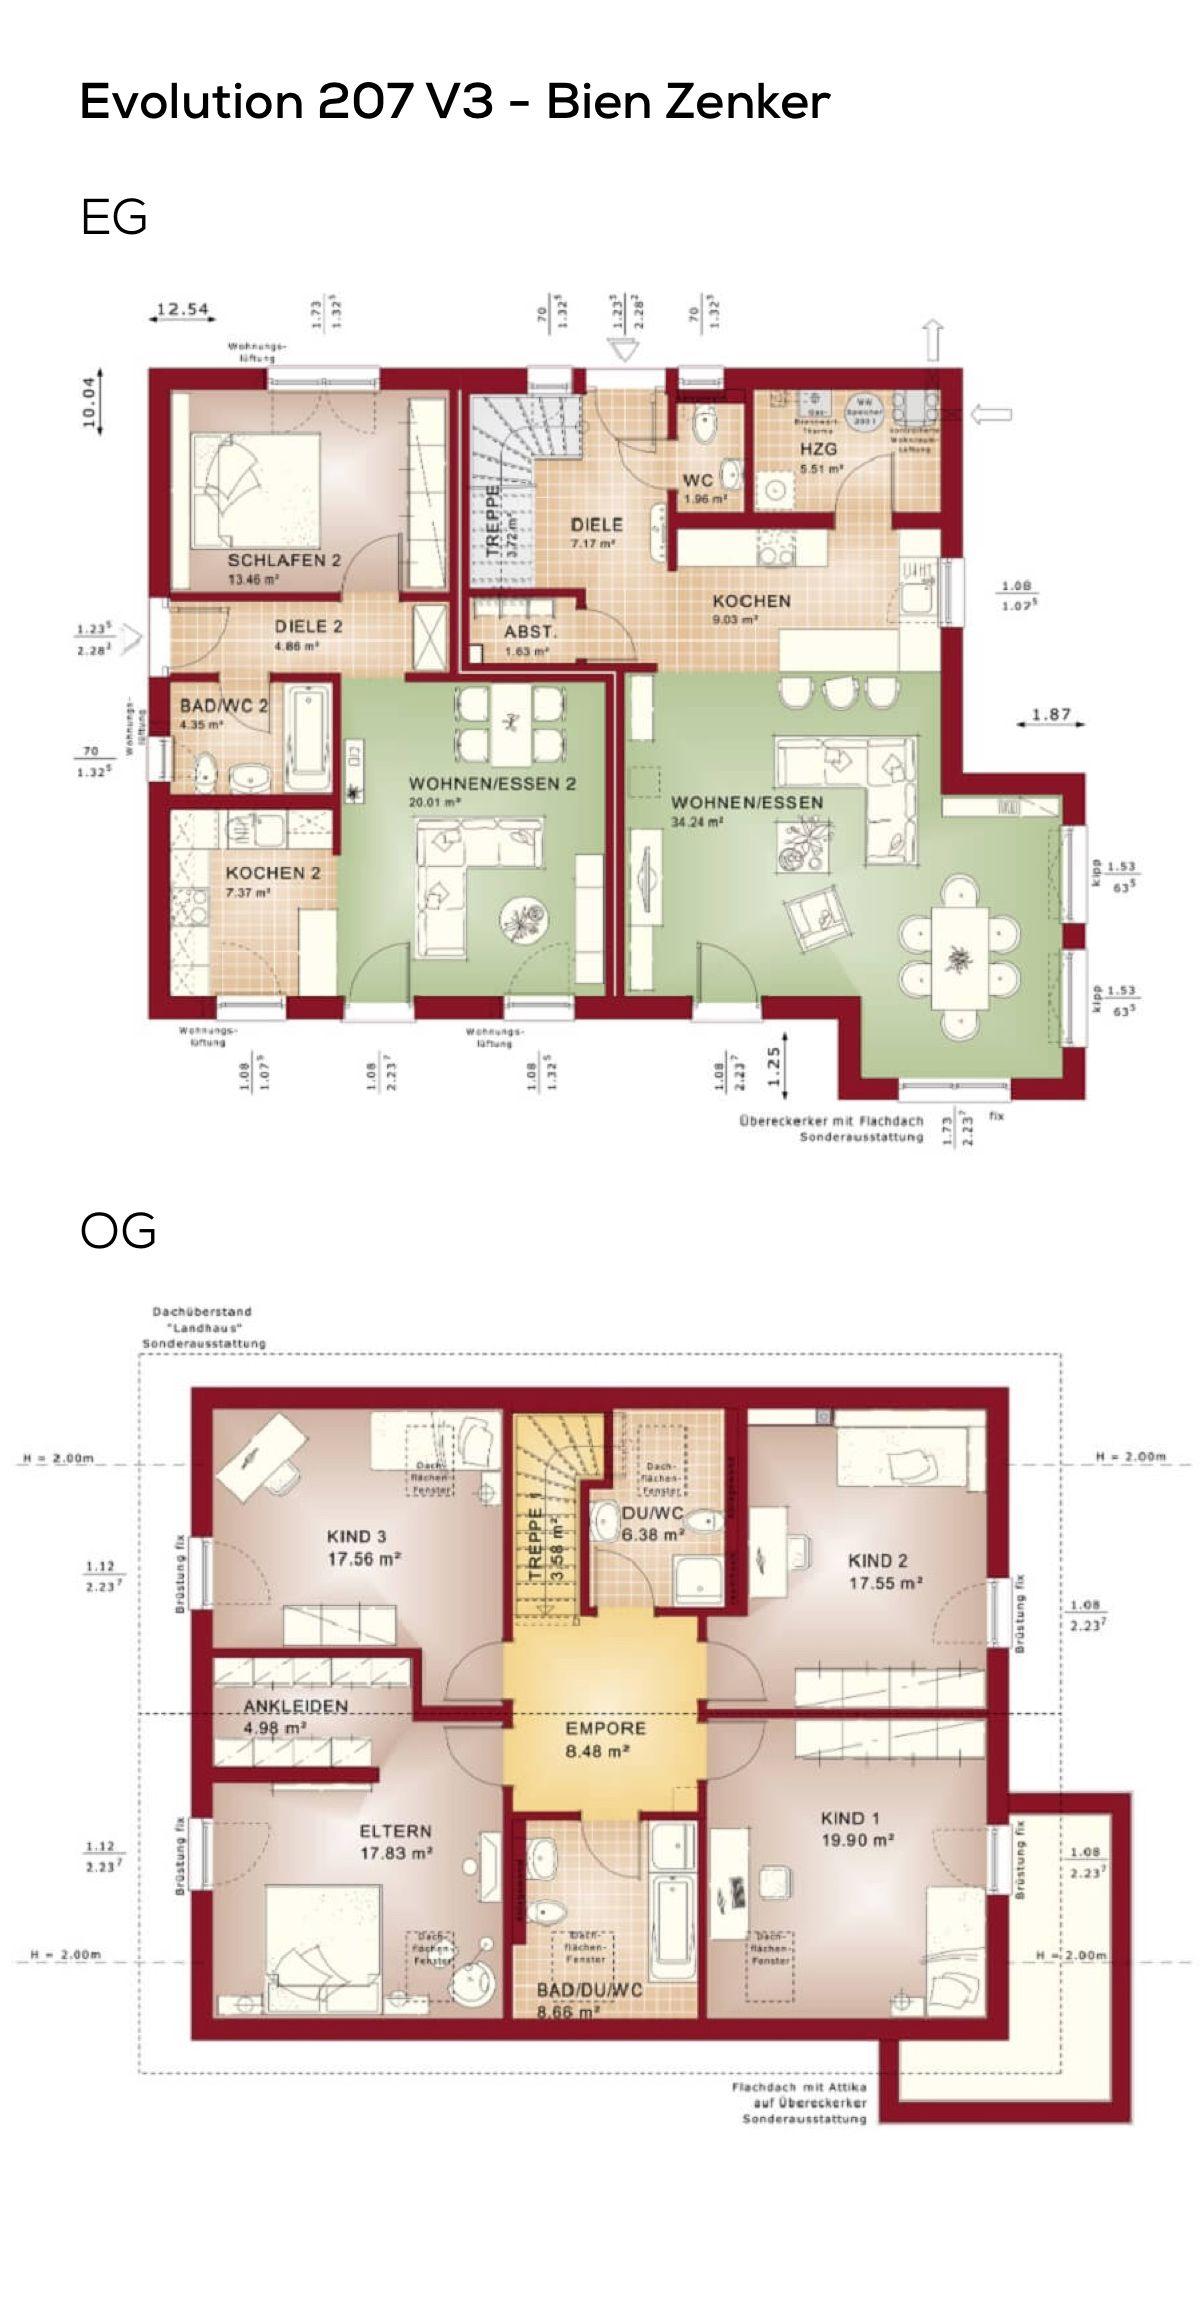 Grundriss Einfamilienhaus Mit Einliegerwohnung Zweifamilienhaus